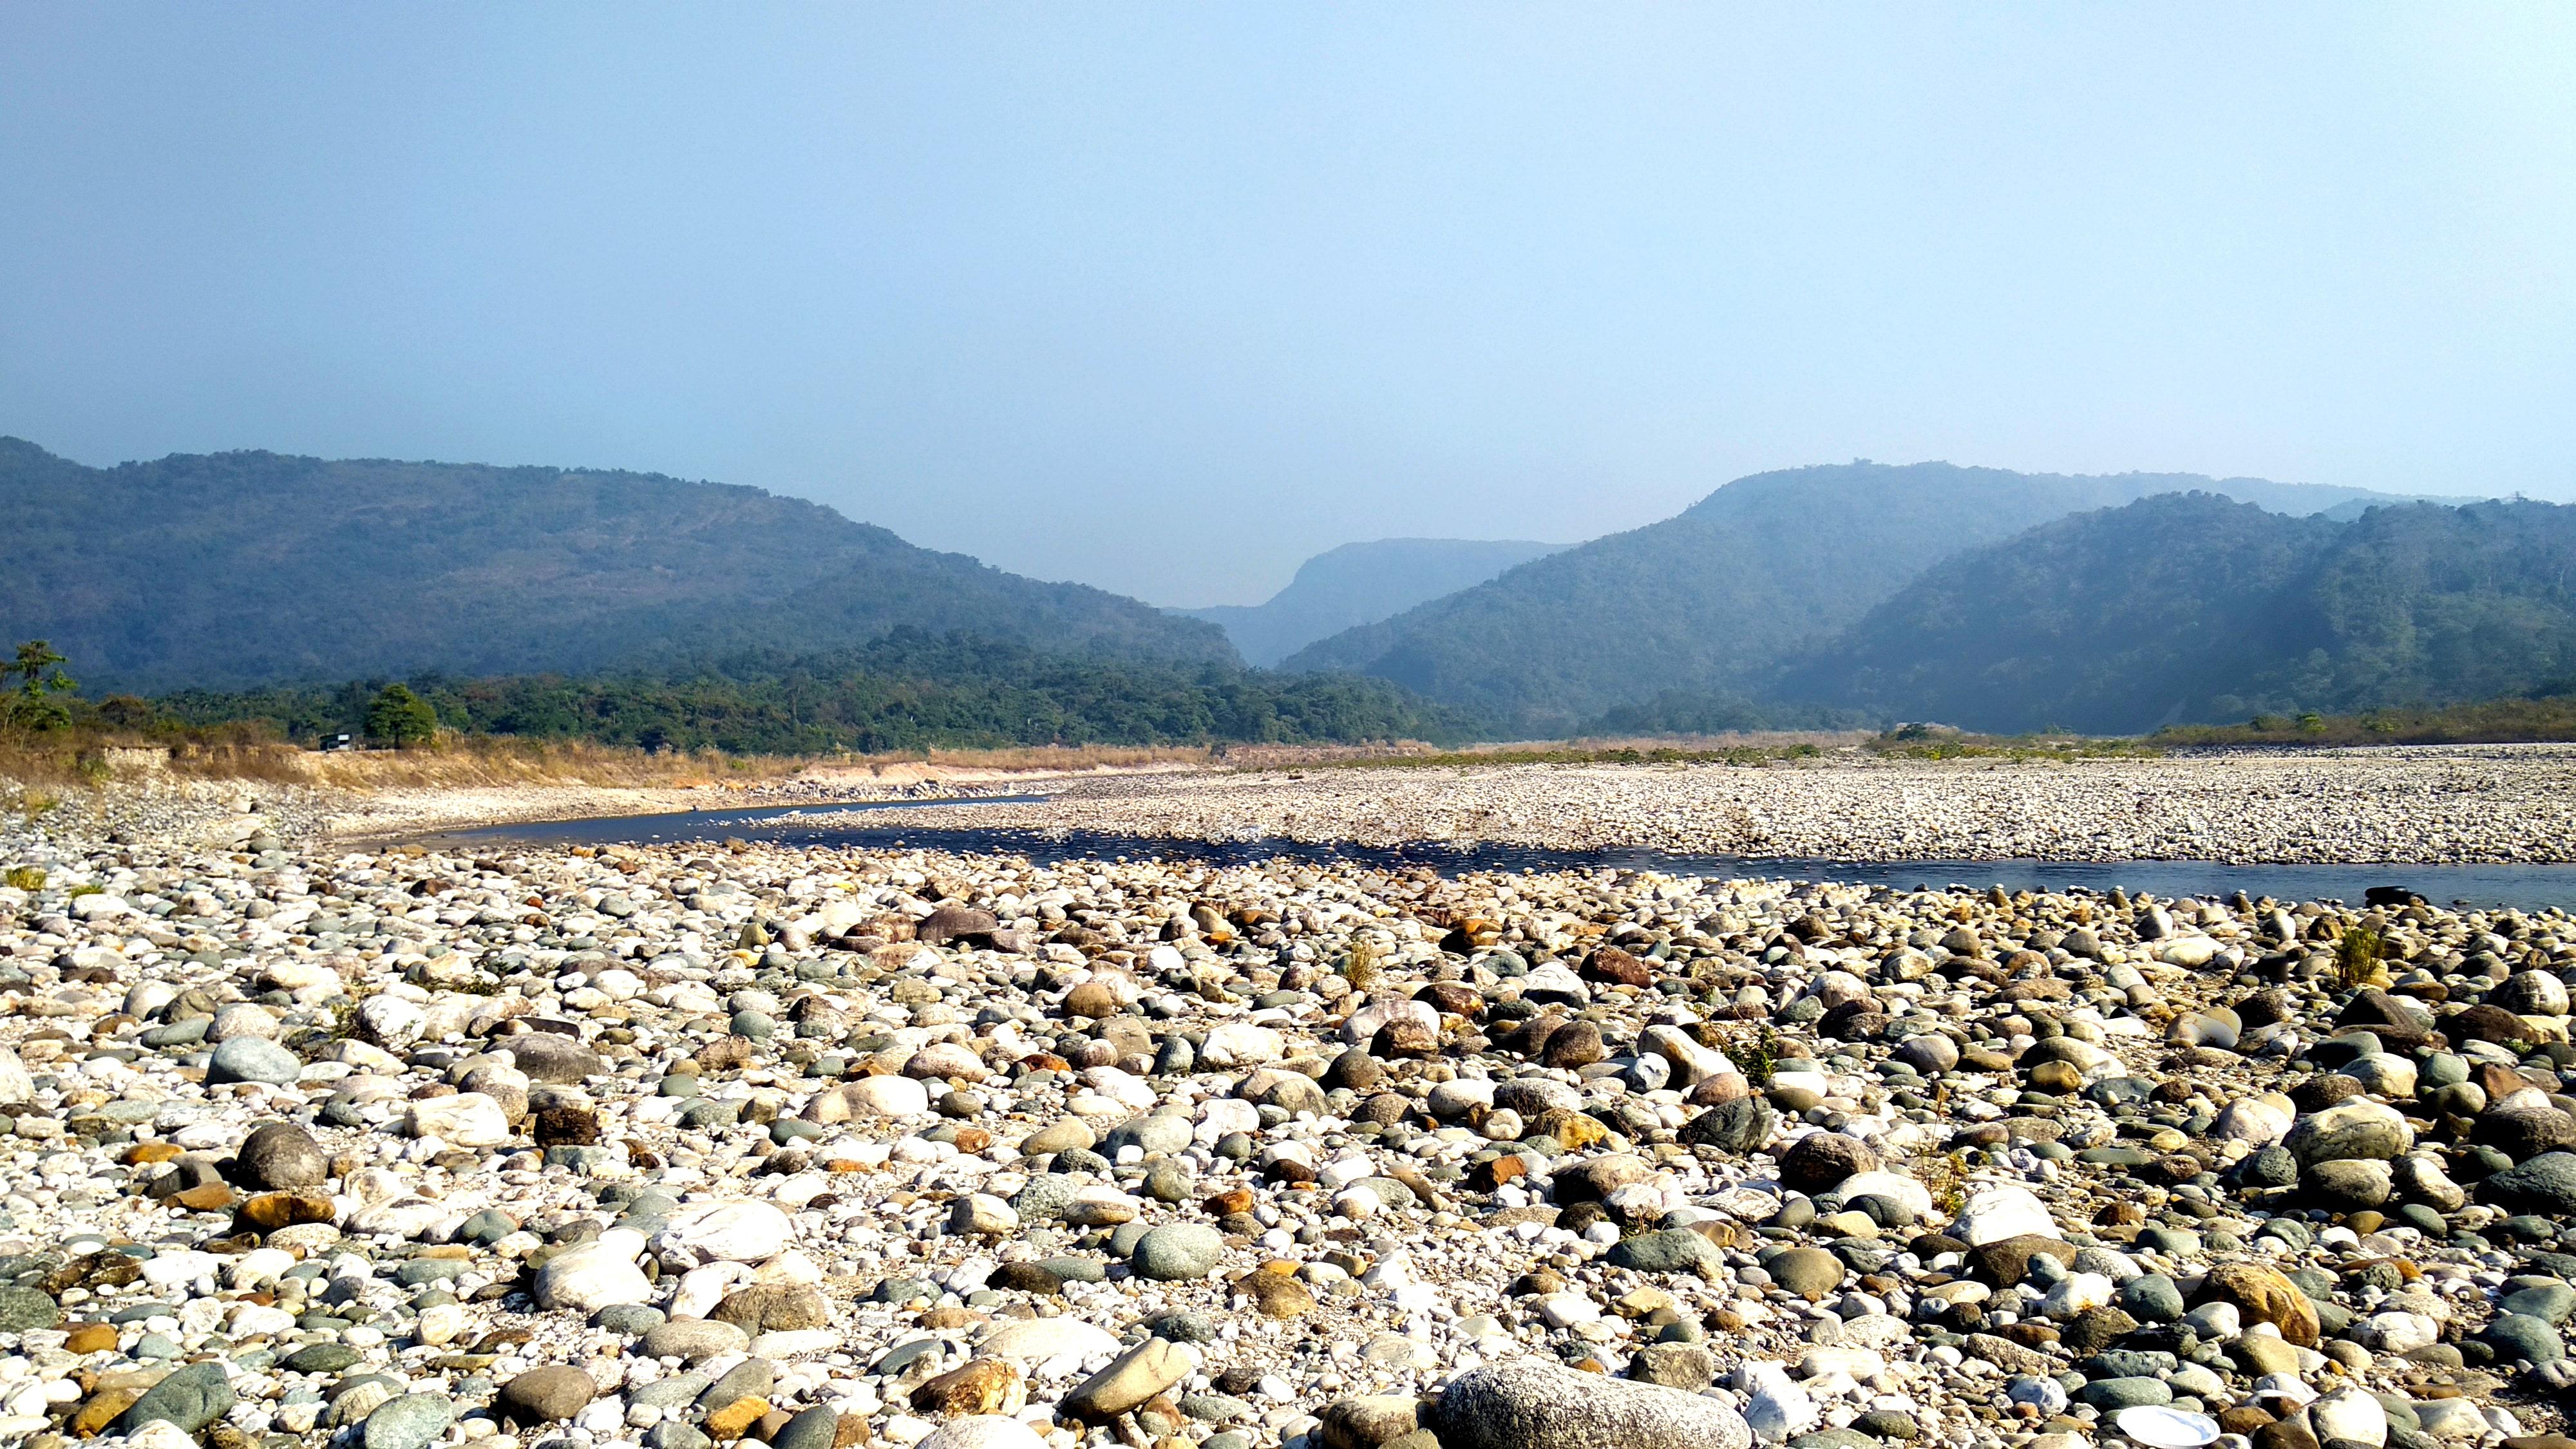 Bholaganj Image